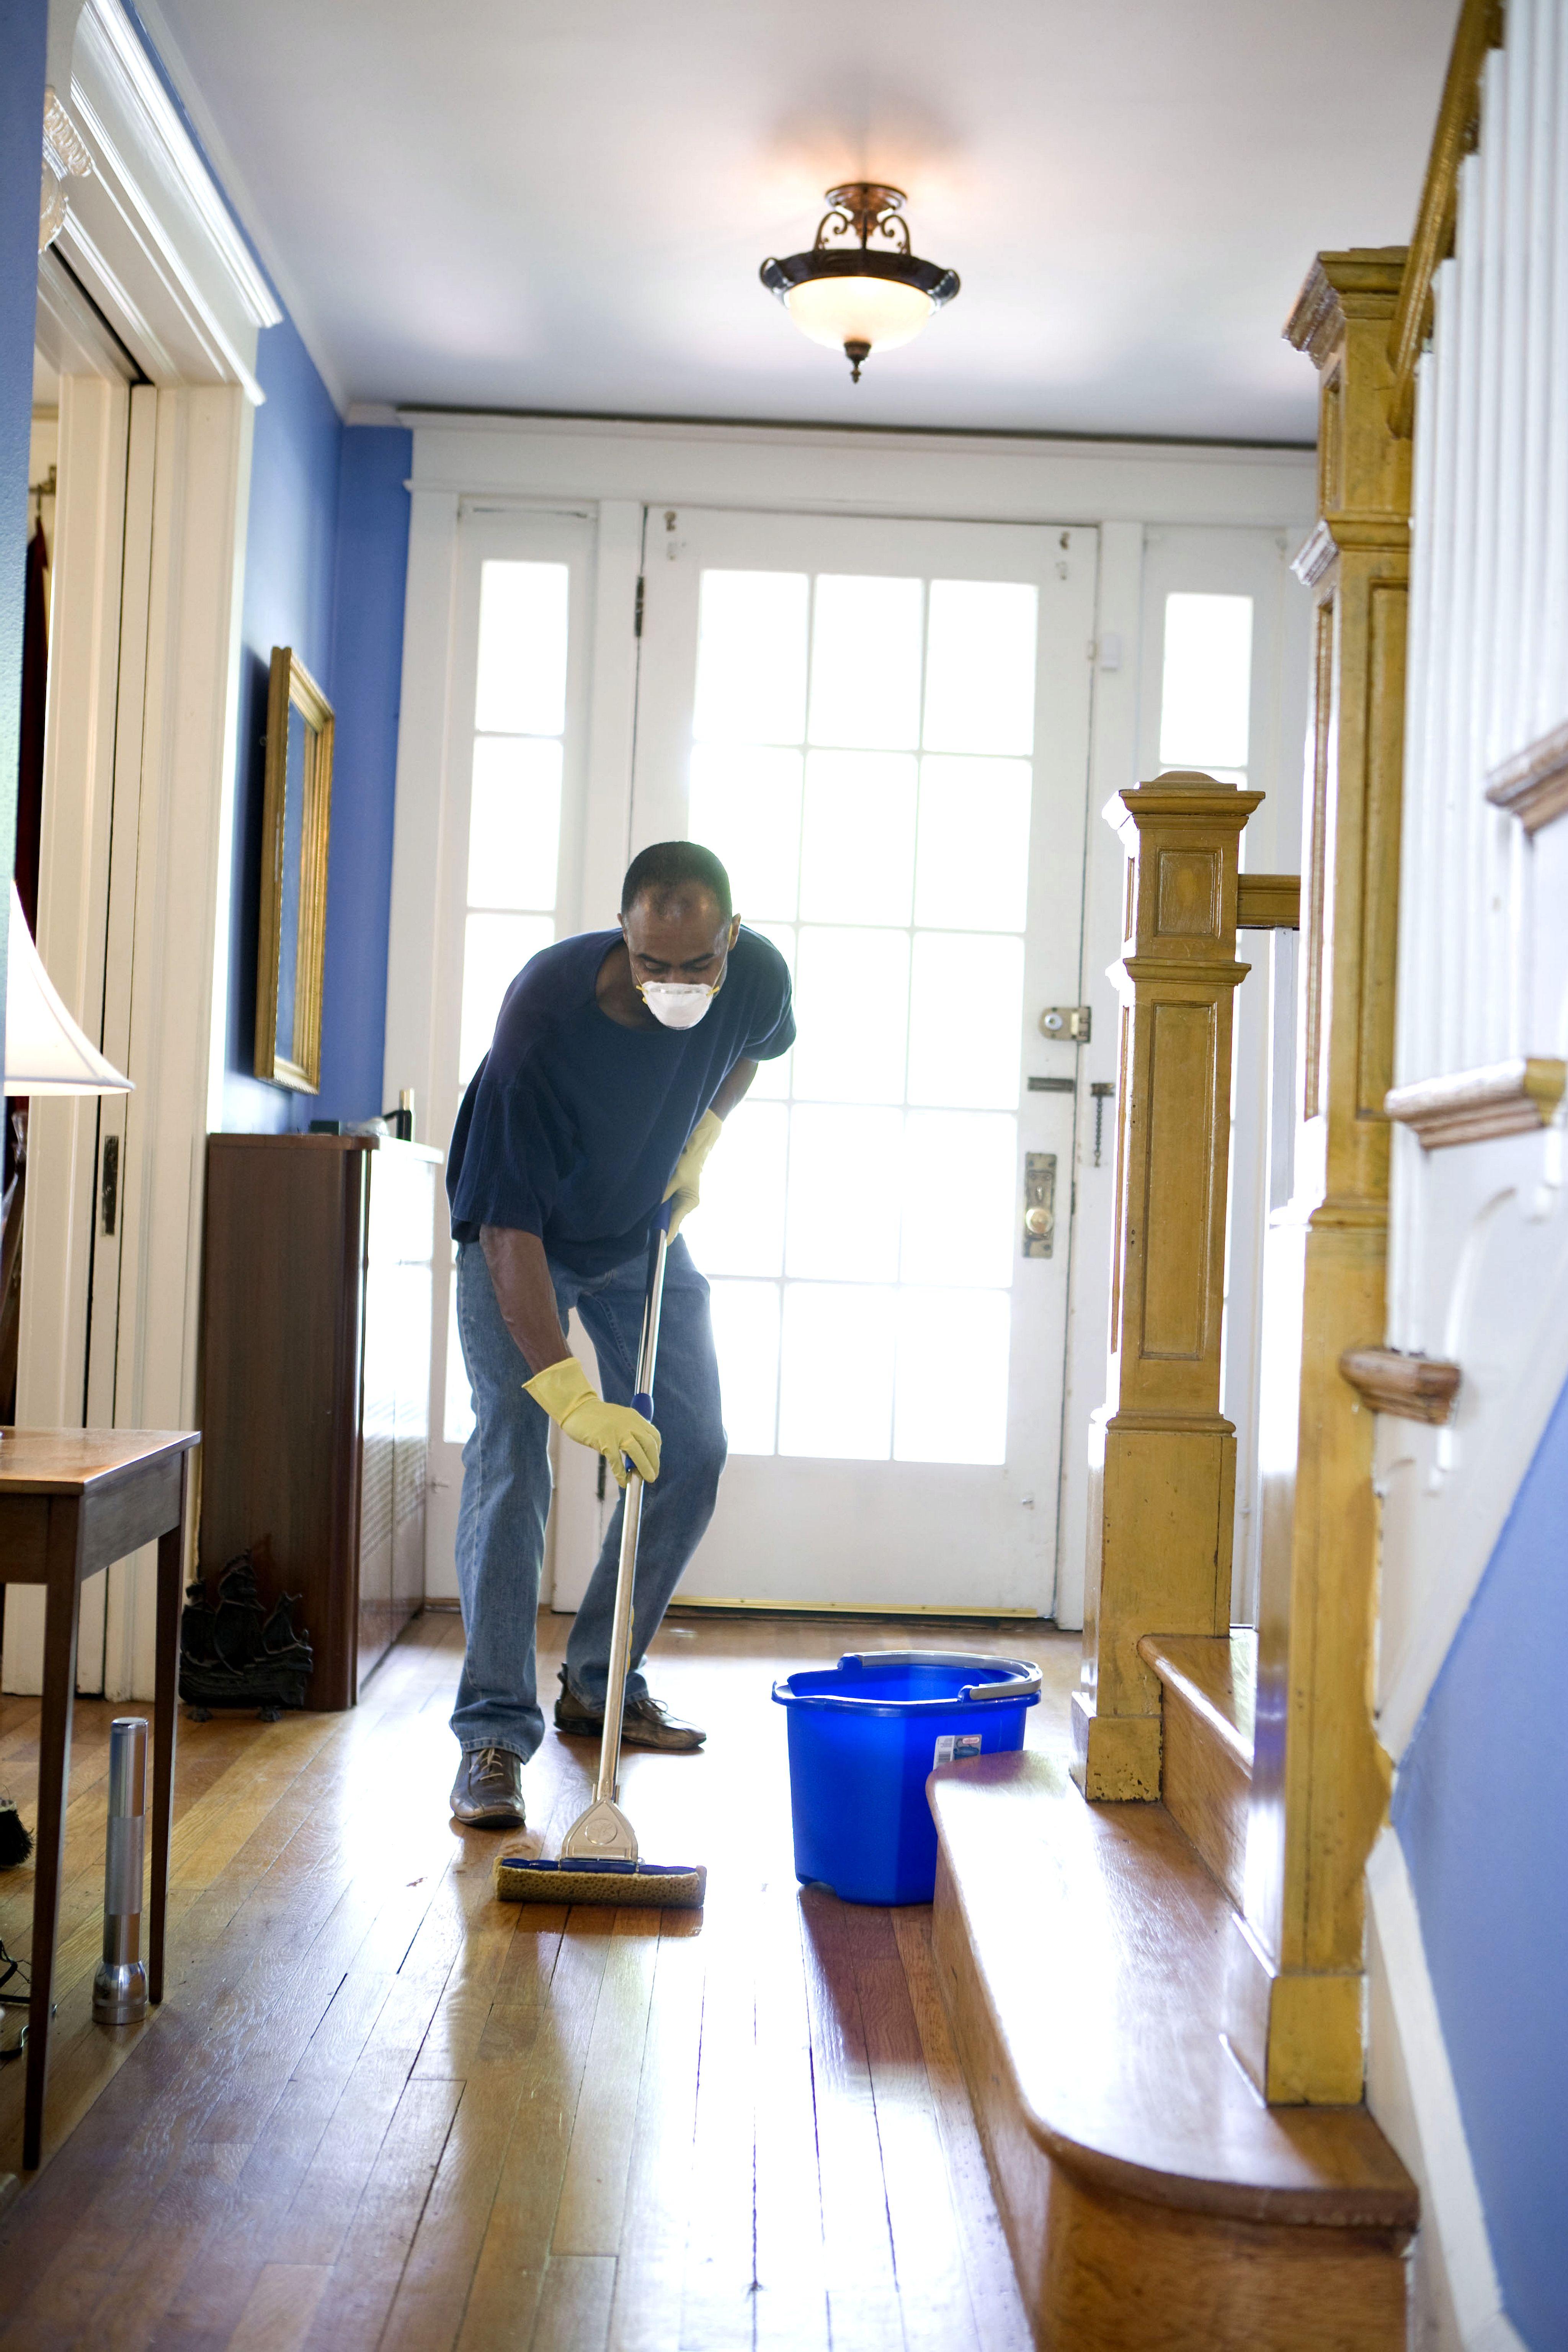 african-american-man-using-personal-protective-equipment-cleaning-home-with-a-damp-mop Frais De Table De Salon Carrée Des Idées